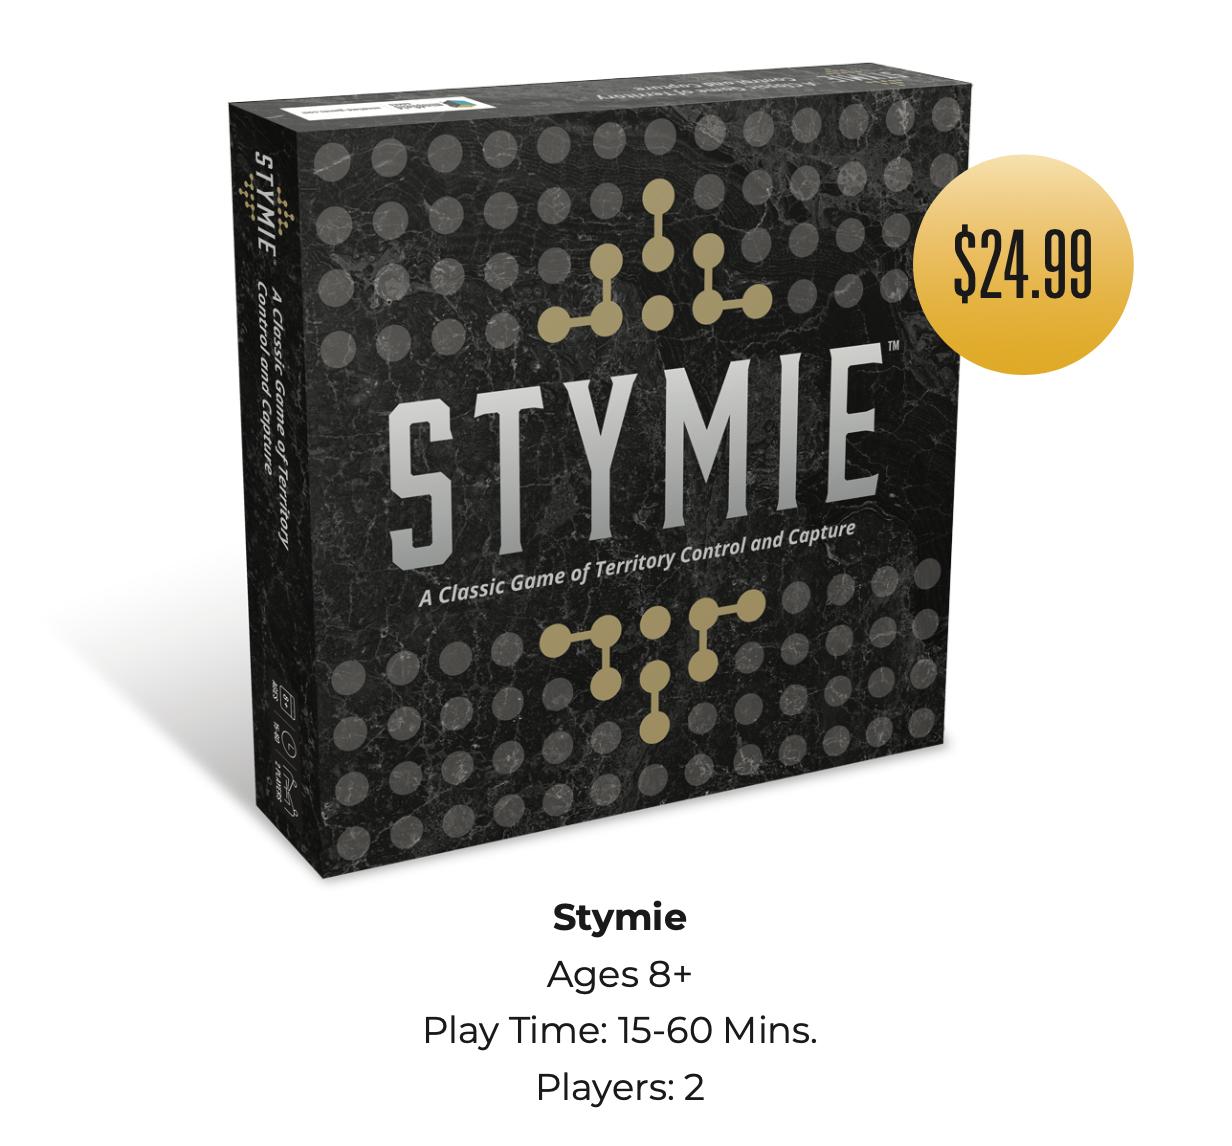 Stymie Box